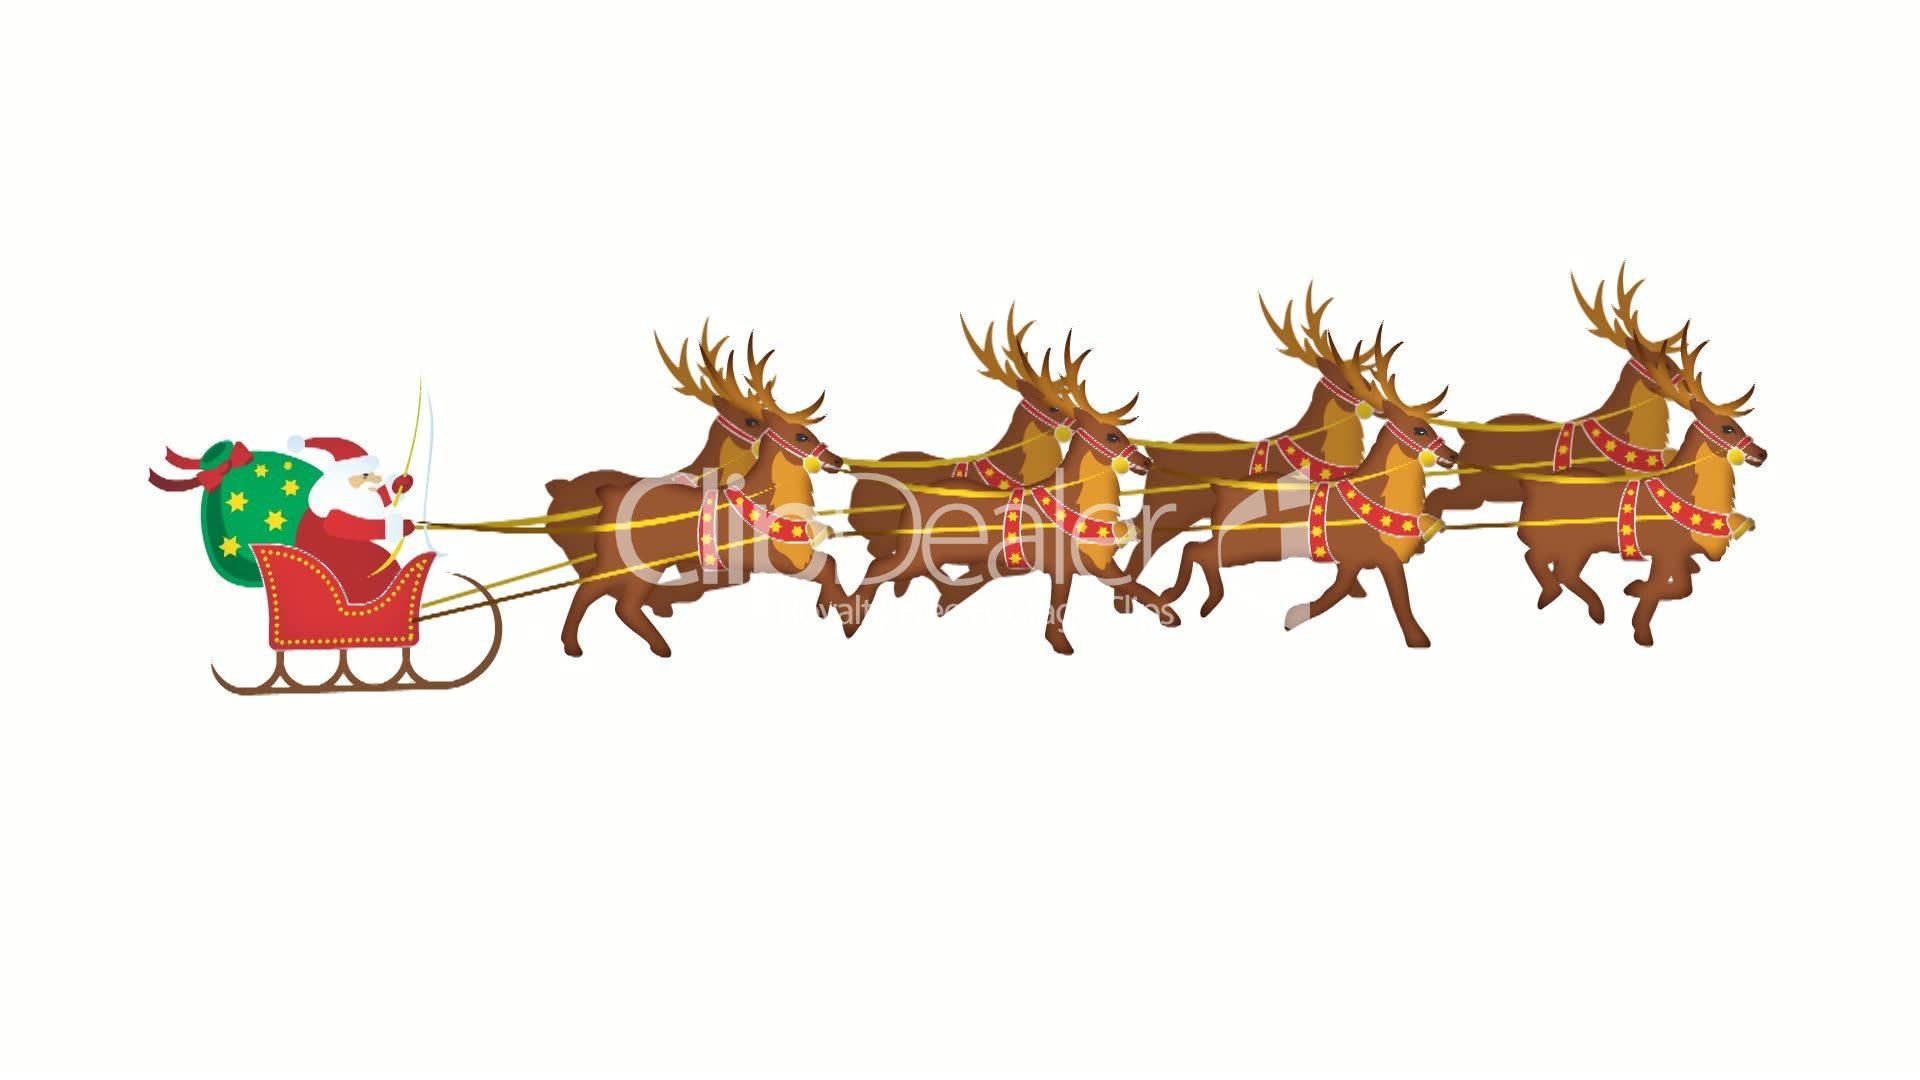 Weihnachtsmann Mit Seinem Rentierschlitten: Lizenzfreie mit Weihnachtsmann Rentierschlitten